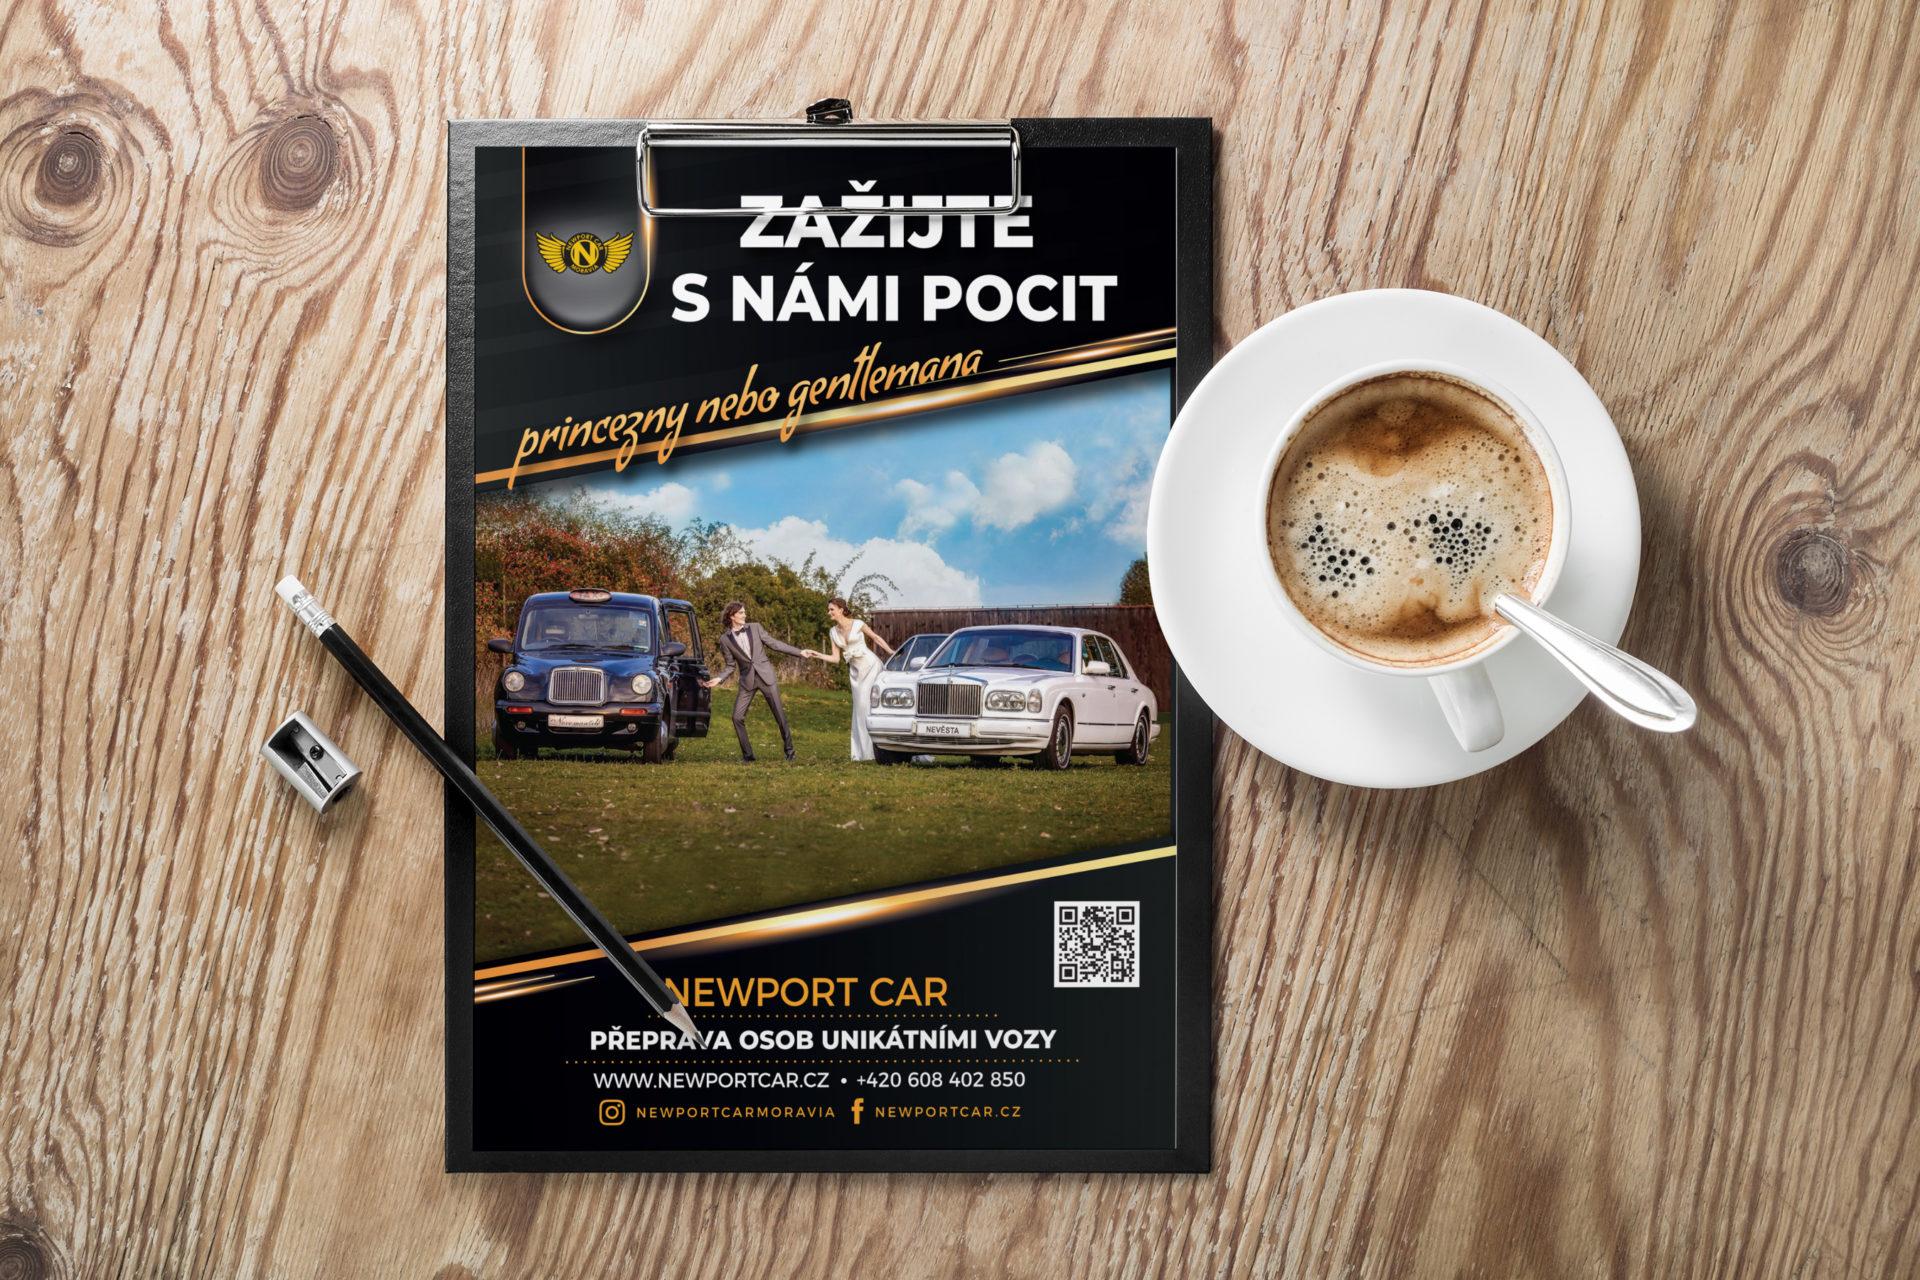 Adatto.cz, grafika pro letáky - Newportcar